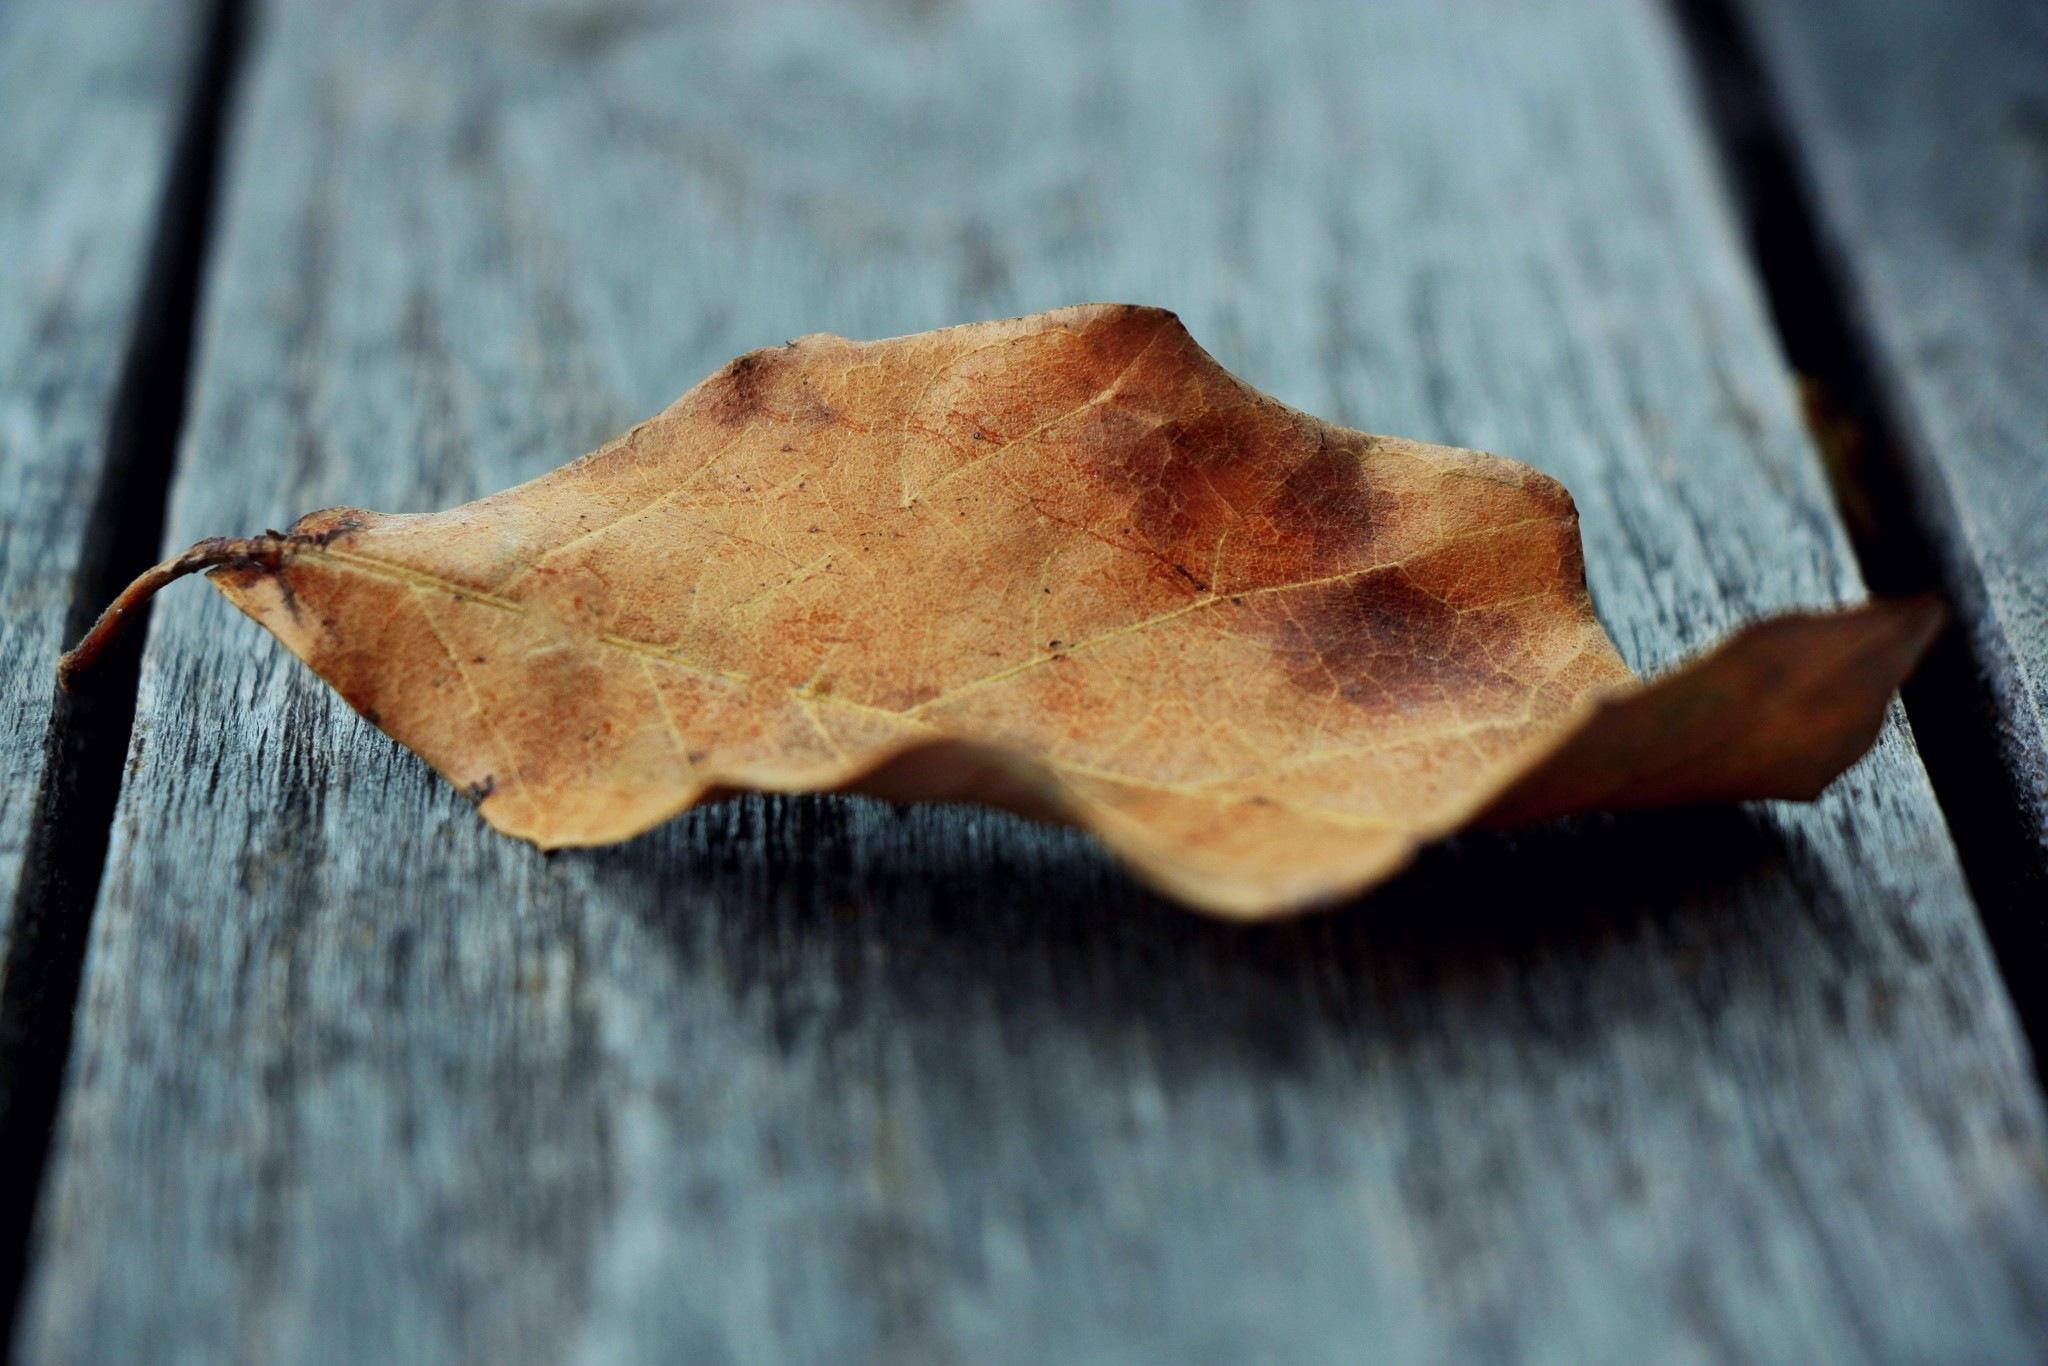 Dry leaf by Adam Wyciszkiewicz